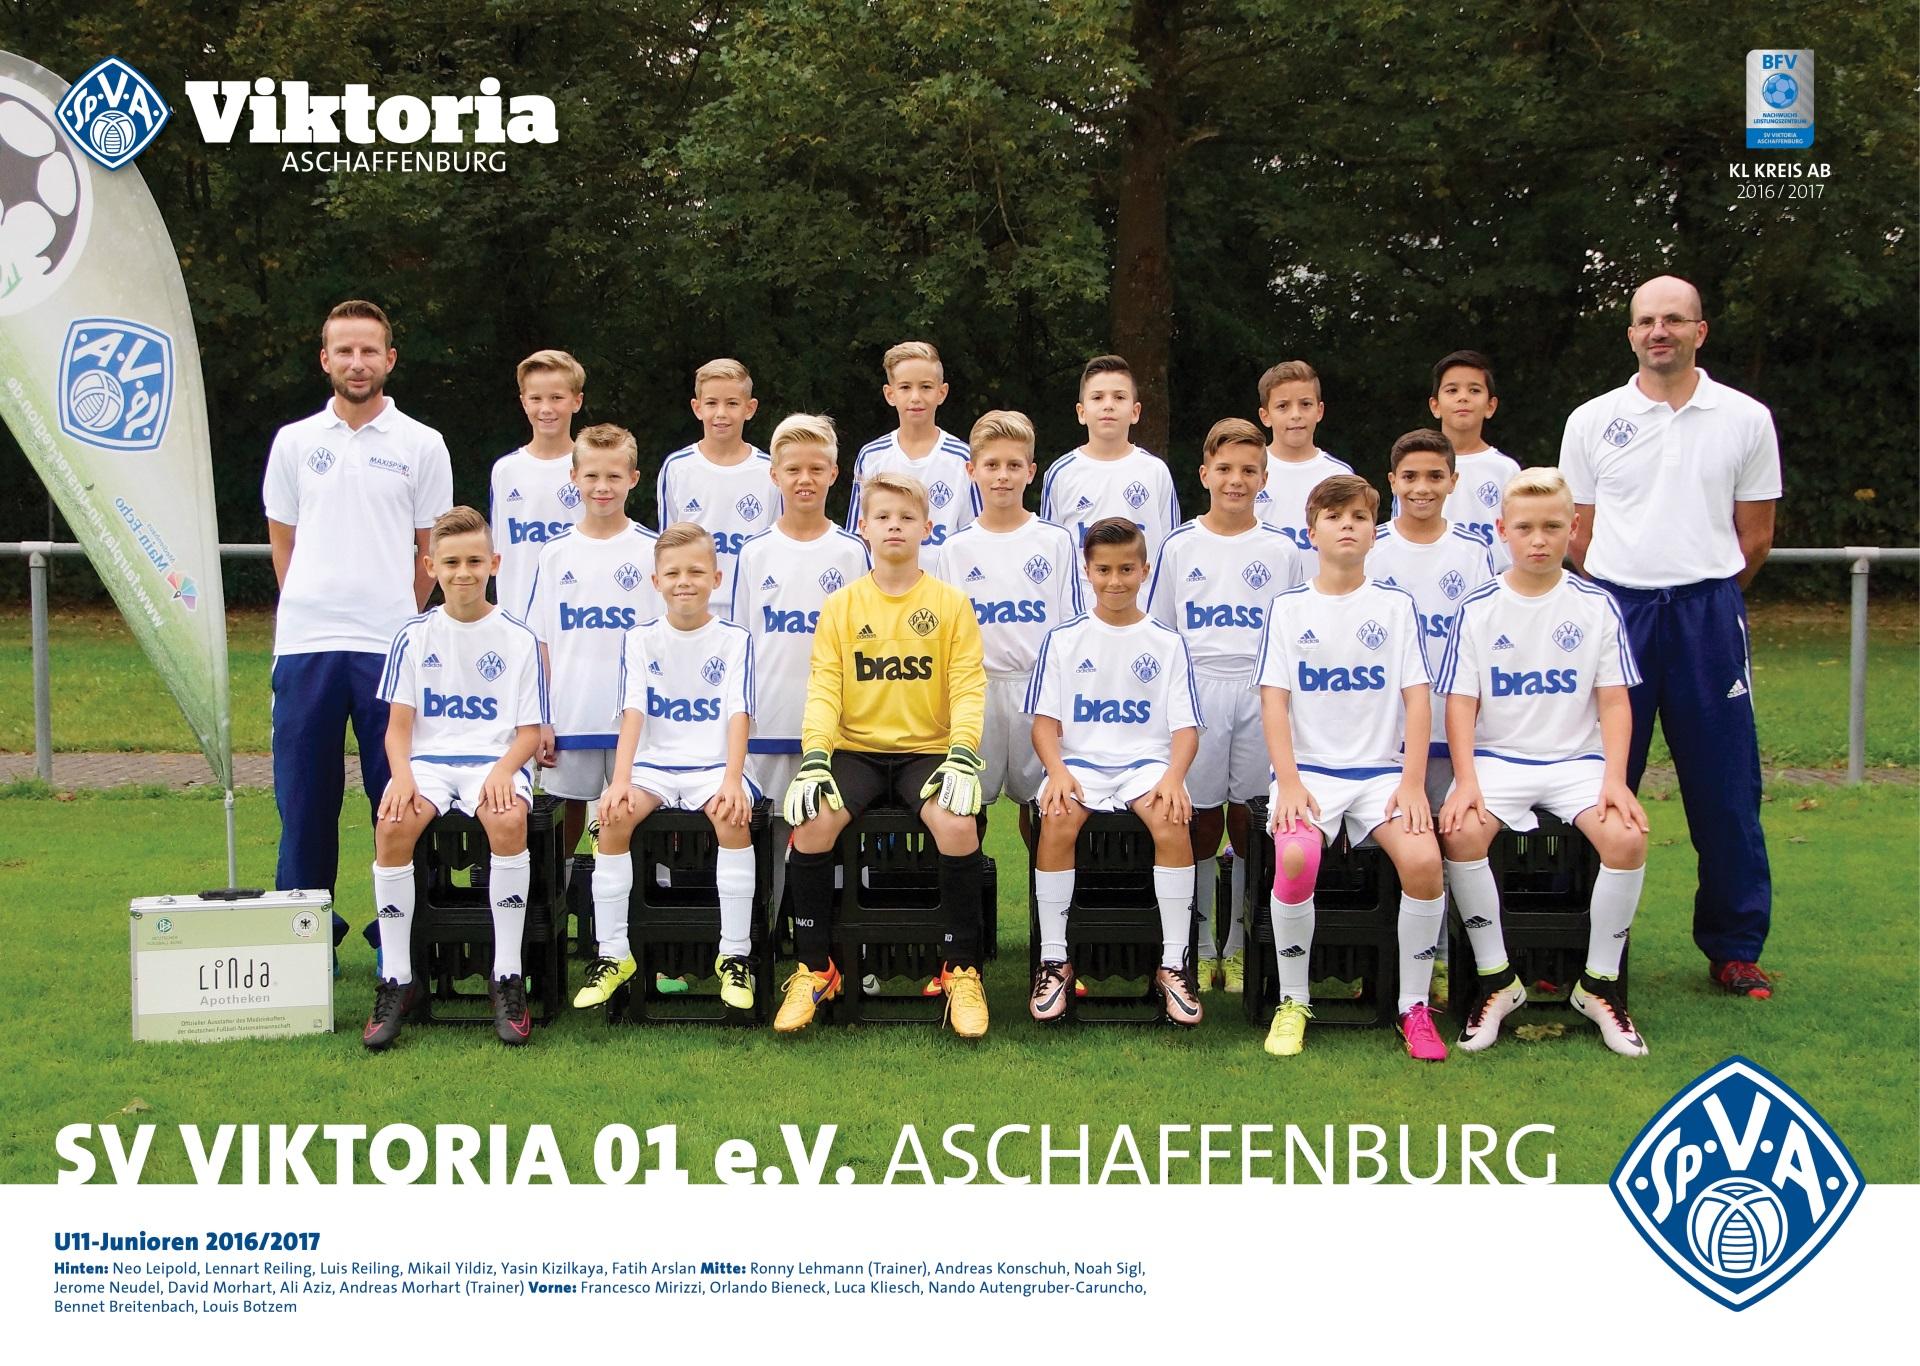 viktoria aschaffenburg homepage